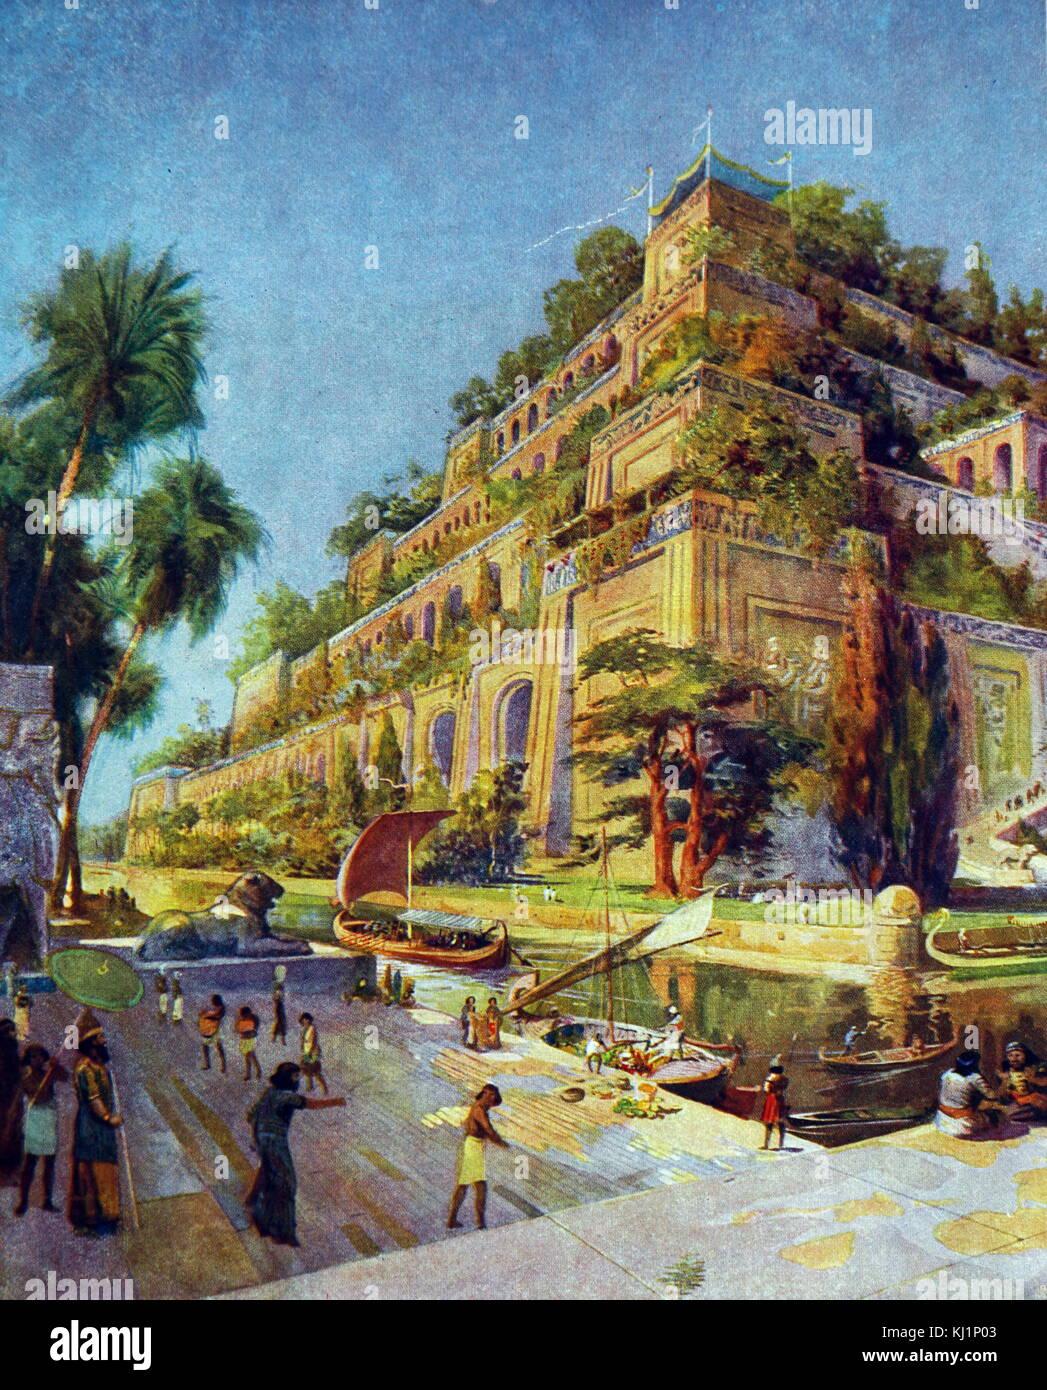 Die Hängenden Gärten Von Babylon Stockfotos und -bilder ...